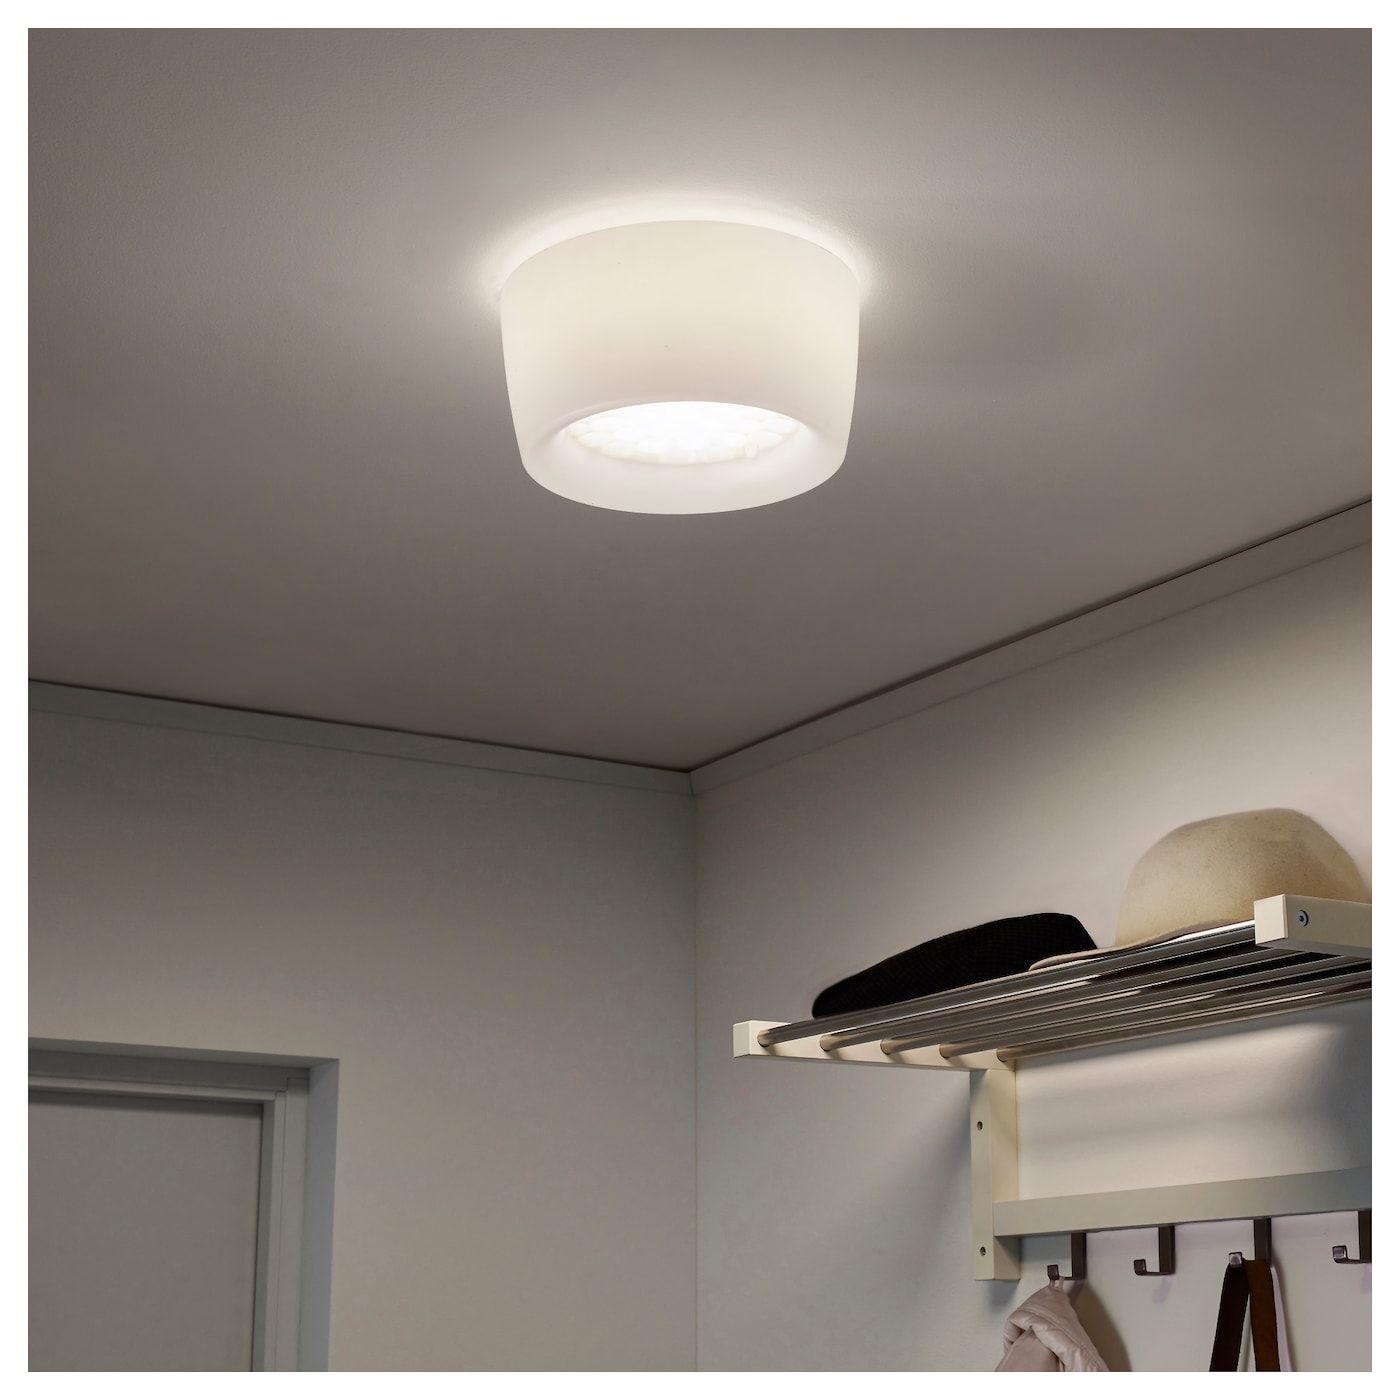 Mesosfar Ceiling Lamp Ikea Ceiling Lamp Lamp Ikea